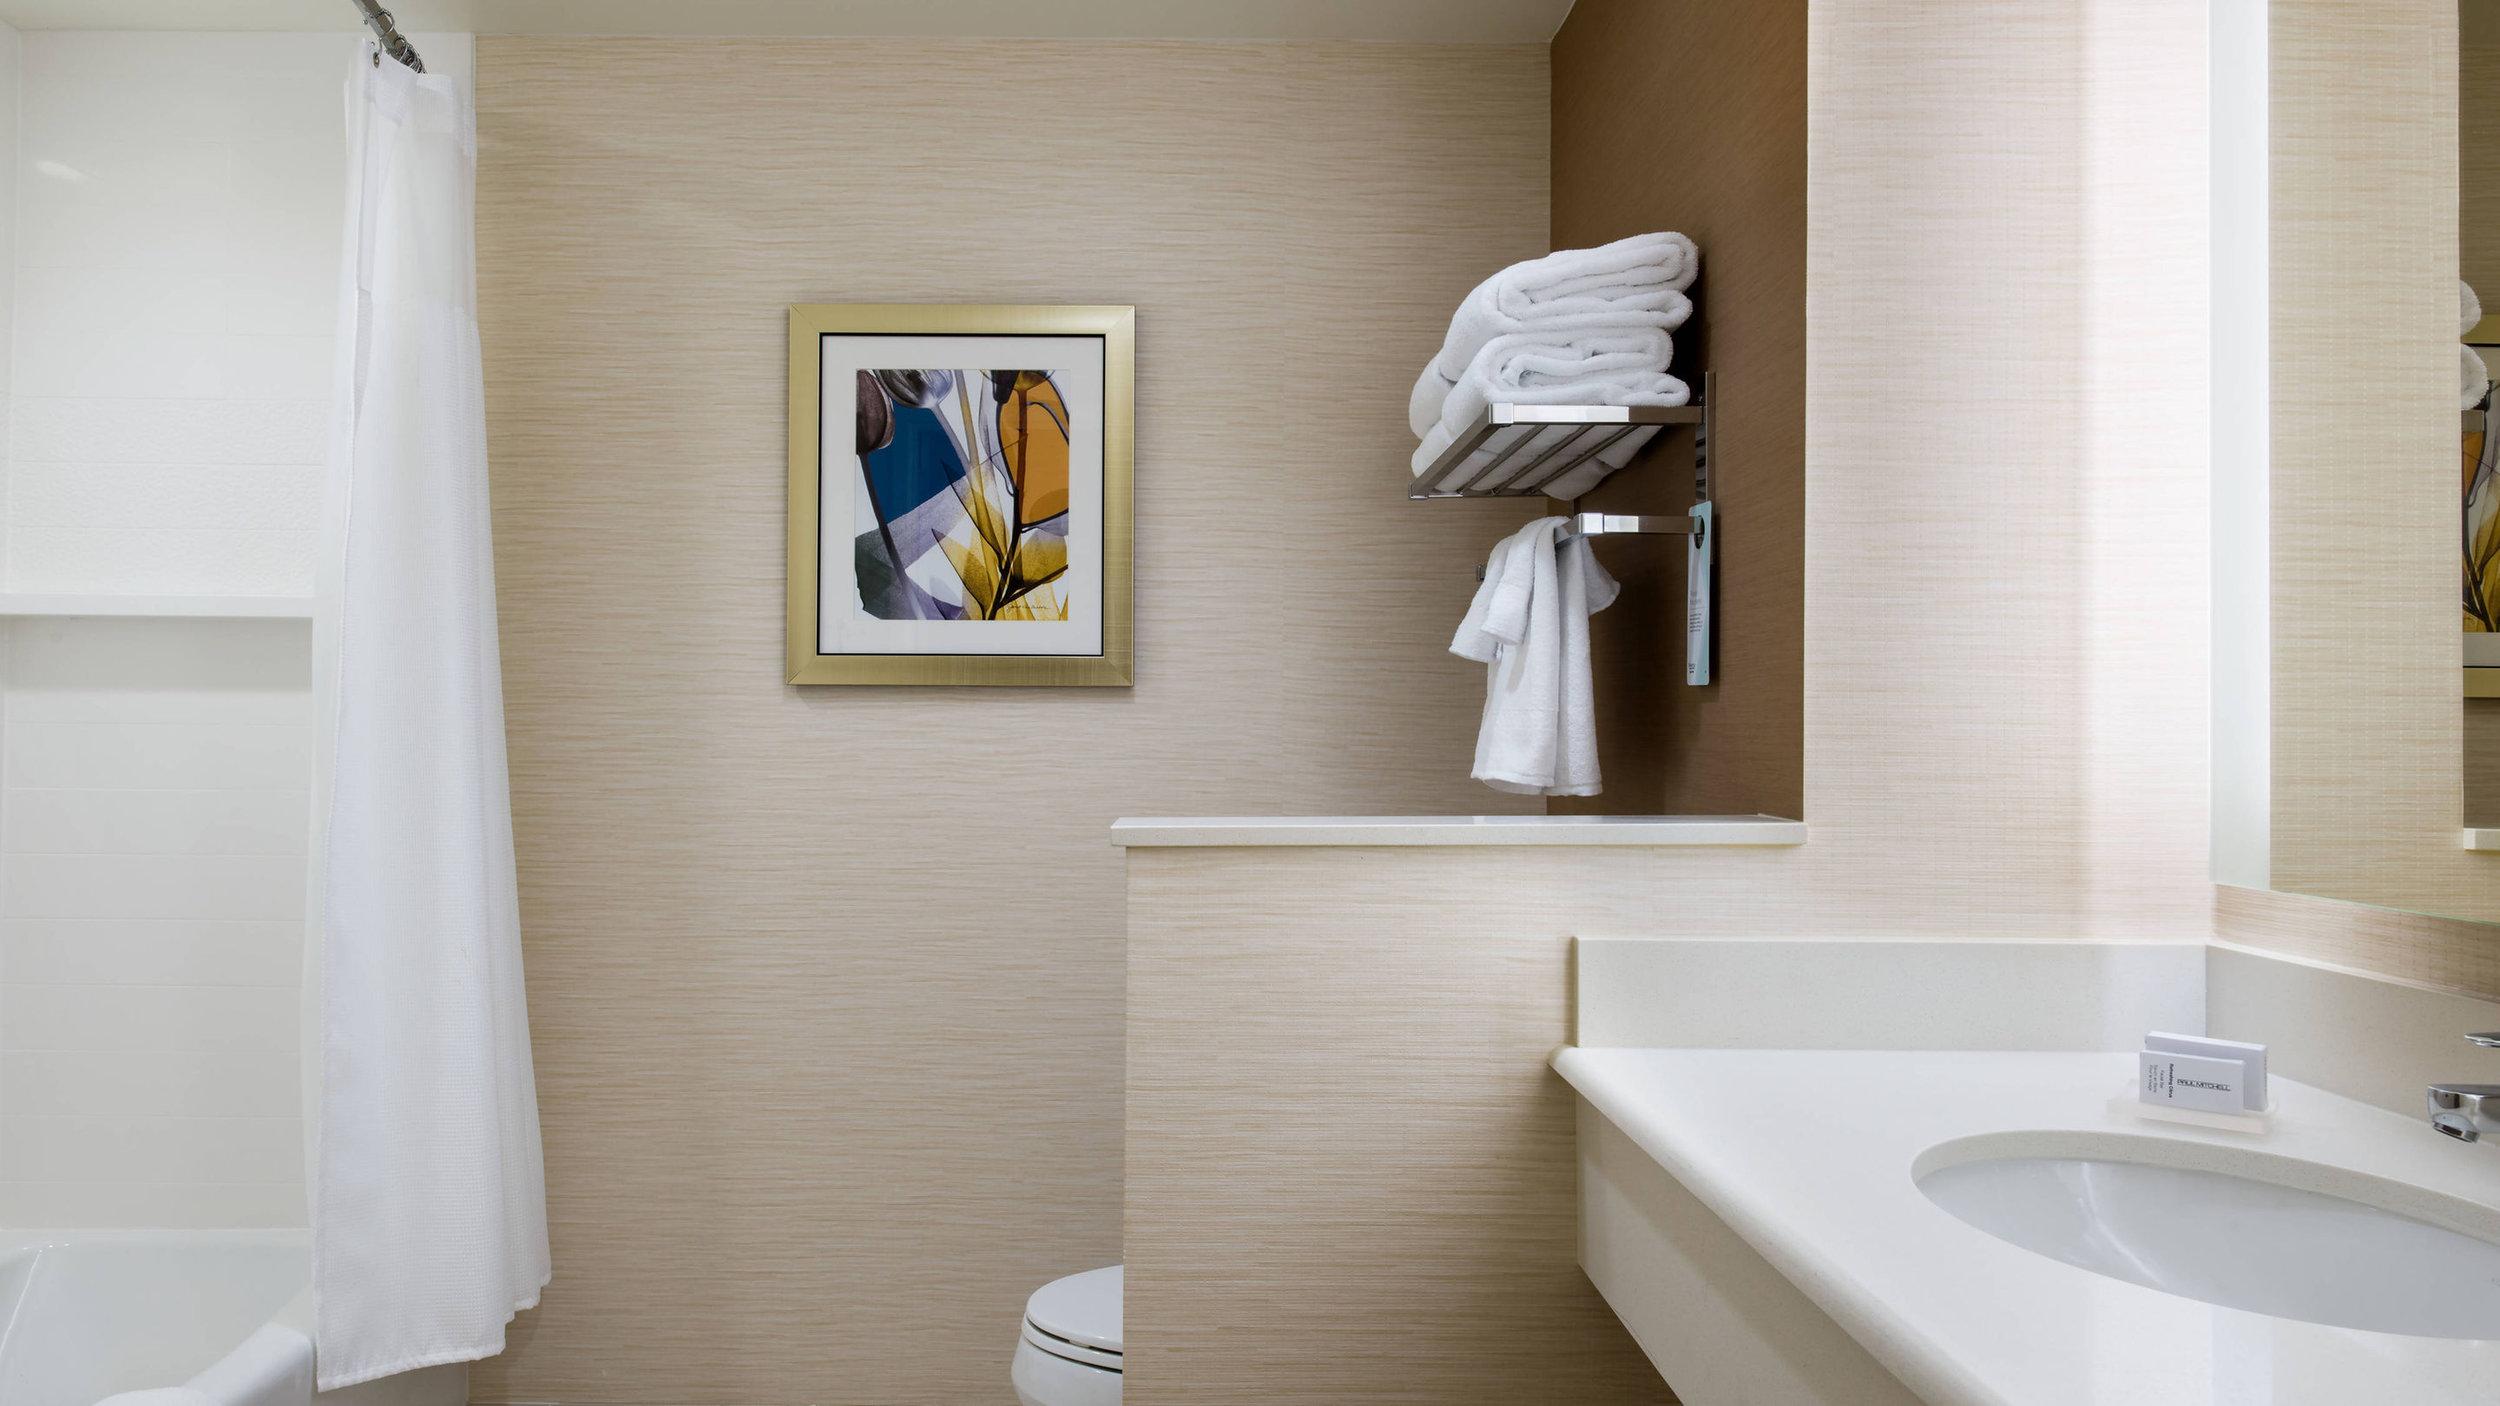 sanes-bathroom-0006-hor-wide.jpg